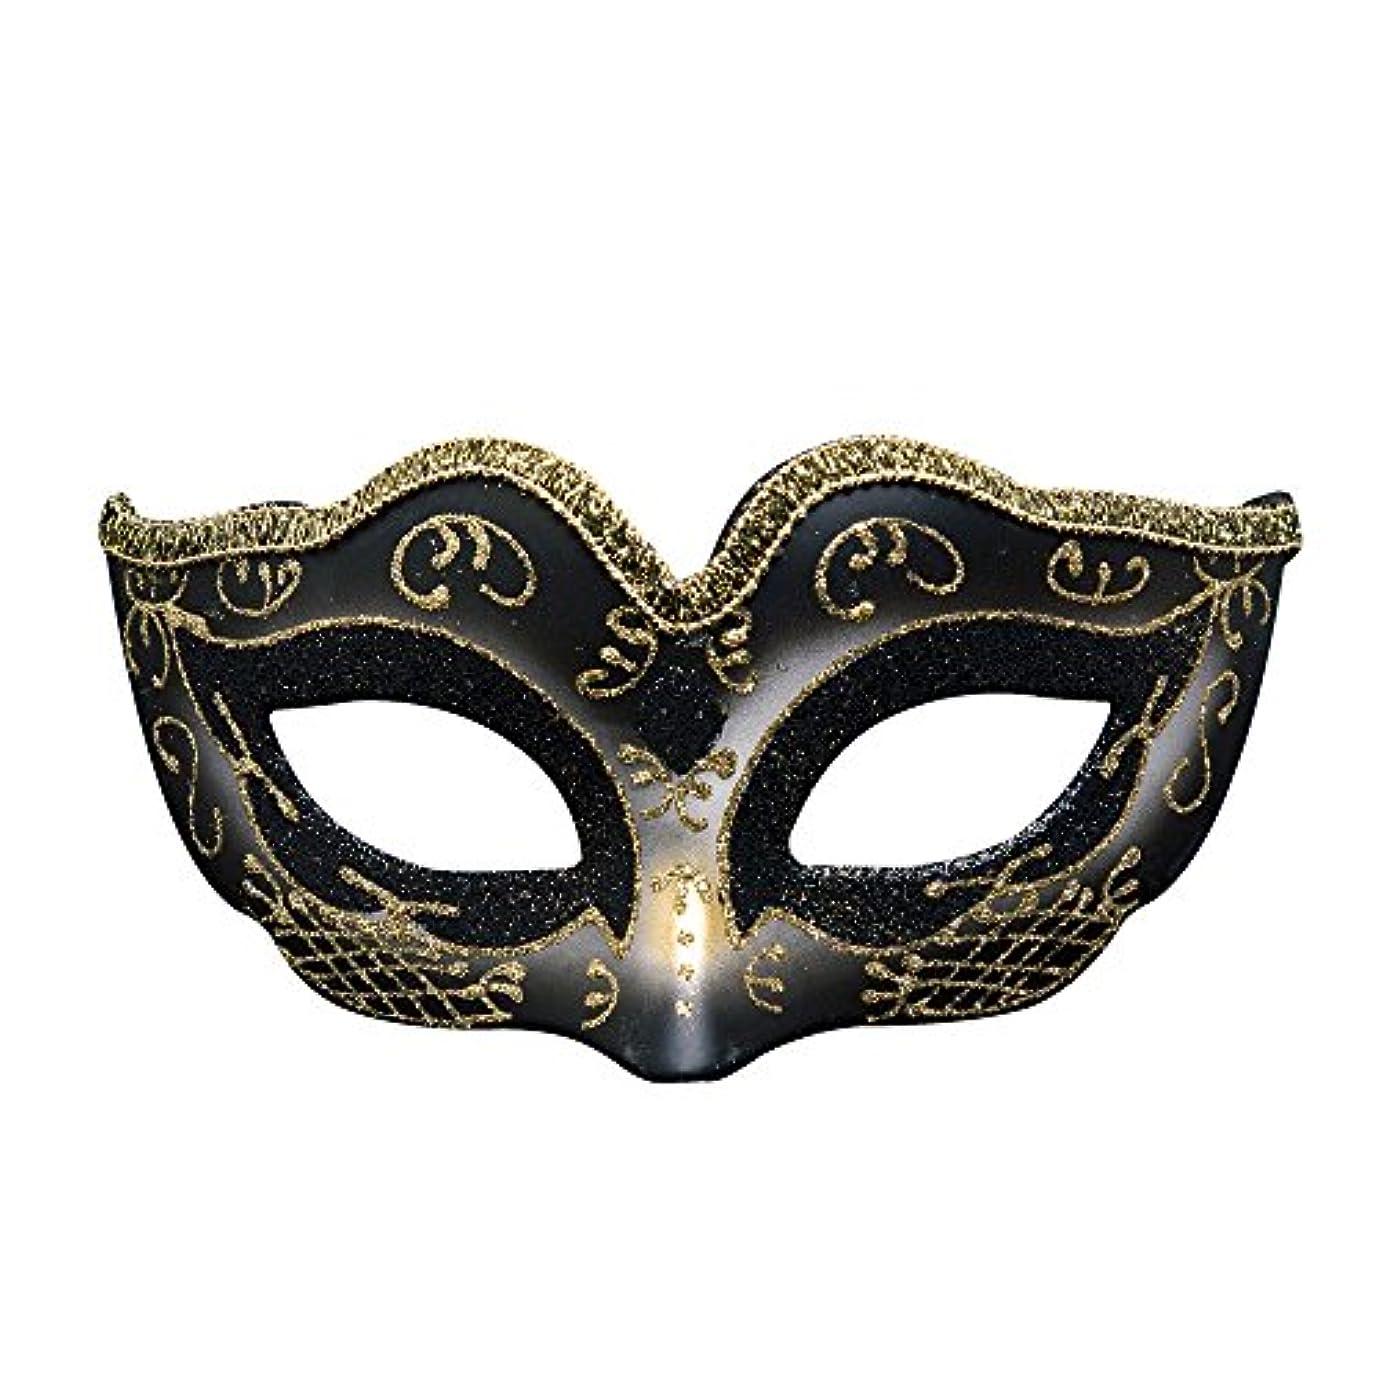 援助する呼びかける受け入れたクリエイティブキッズマスカレードパーティーハロウィンマスククリスマス雰囲気マスク (Color : #1)